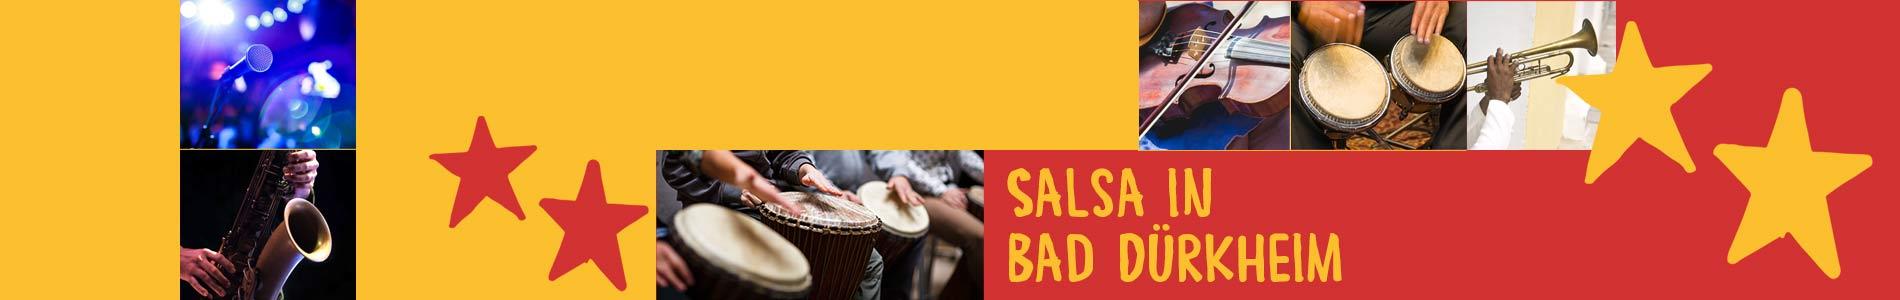 Salsa in Bad Dürkheim – Salsa lernen und tanzen, Tanzkurse, Partys, Veranstaltungen